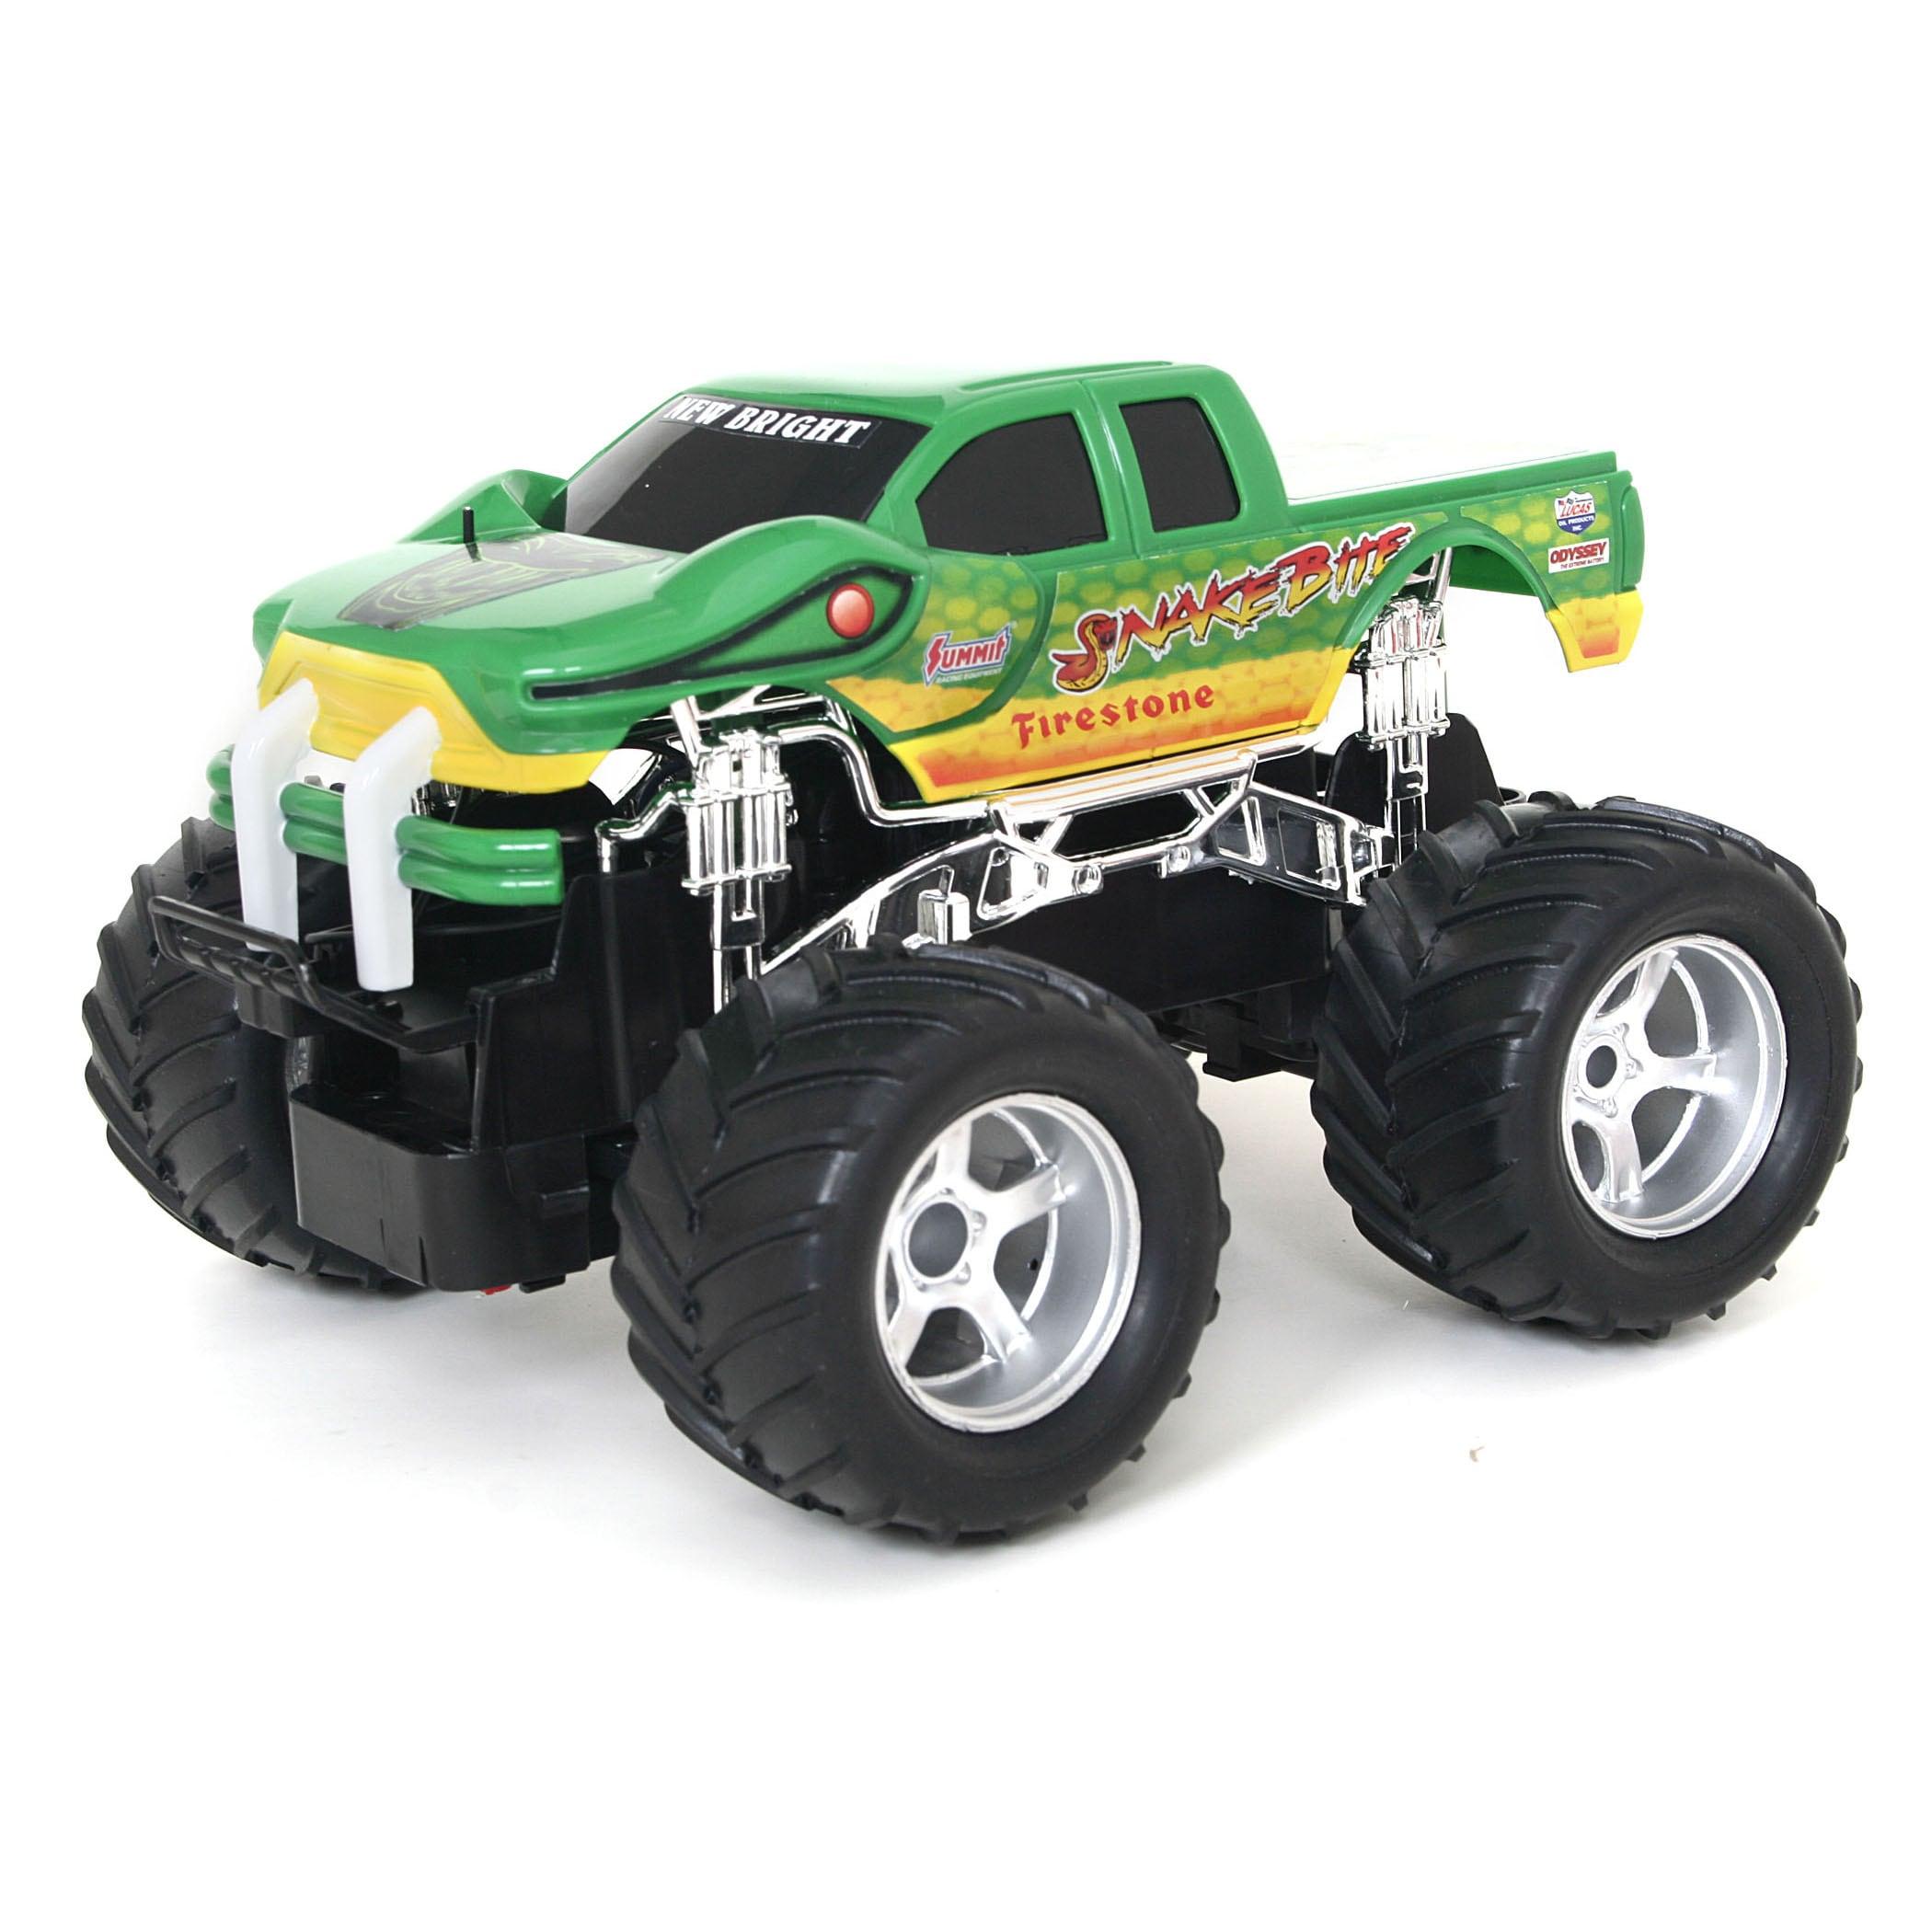 Green Monster Truck Toy : Snake bite green r c monster truck  overstock